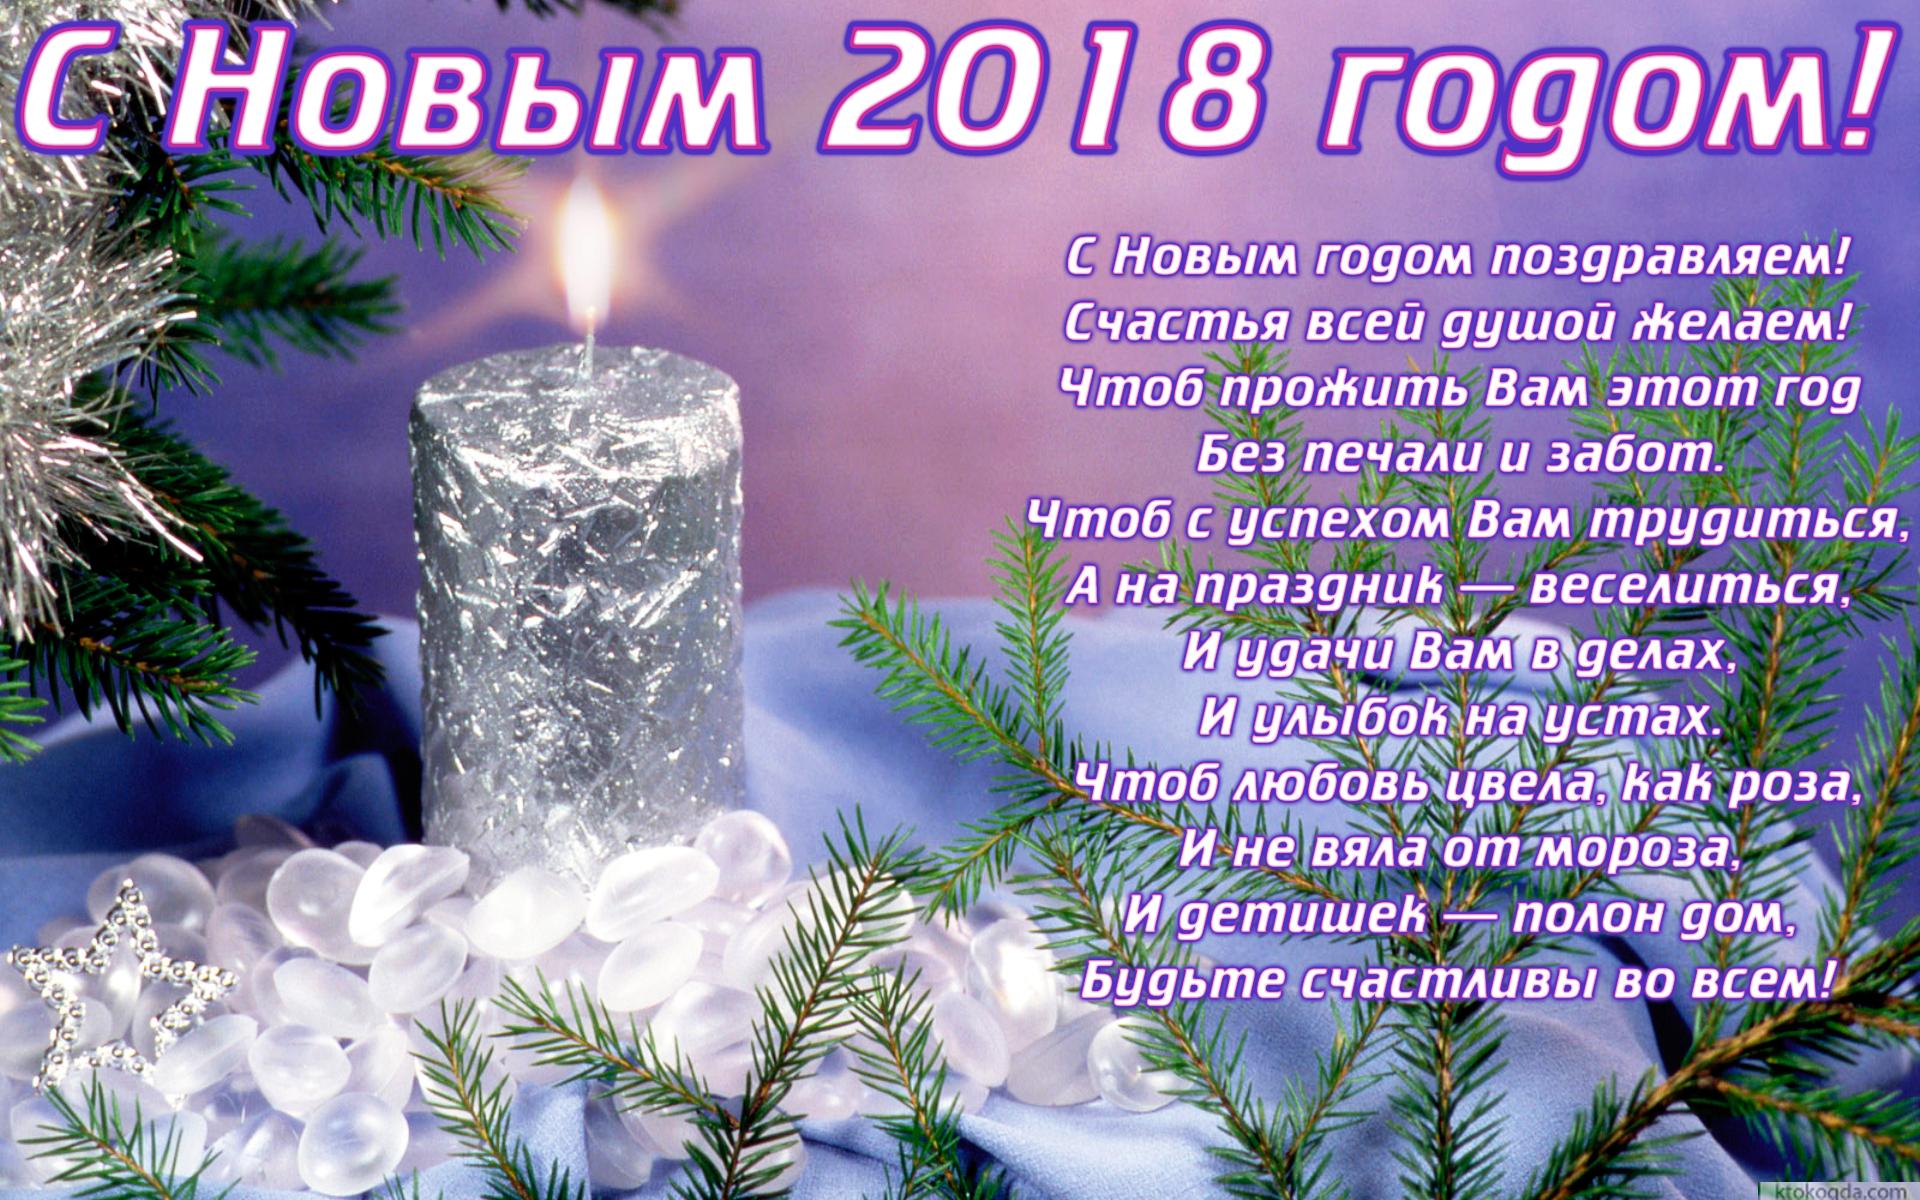 Поздравление для ведущего с новым годом